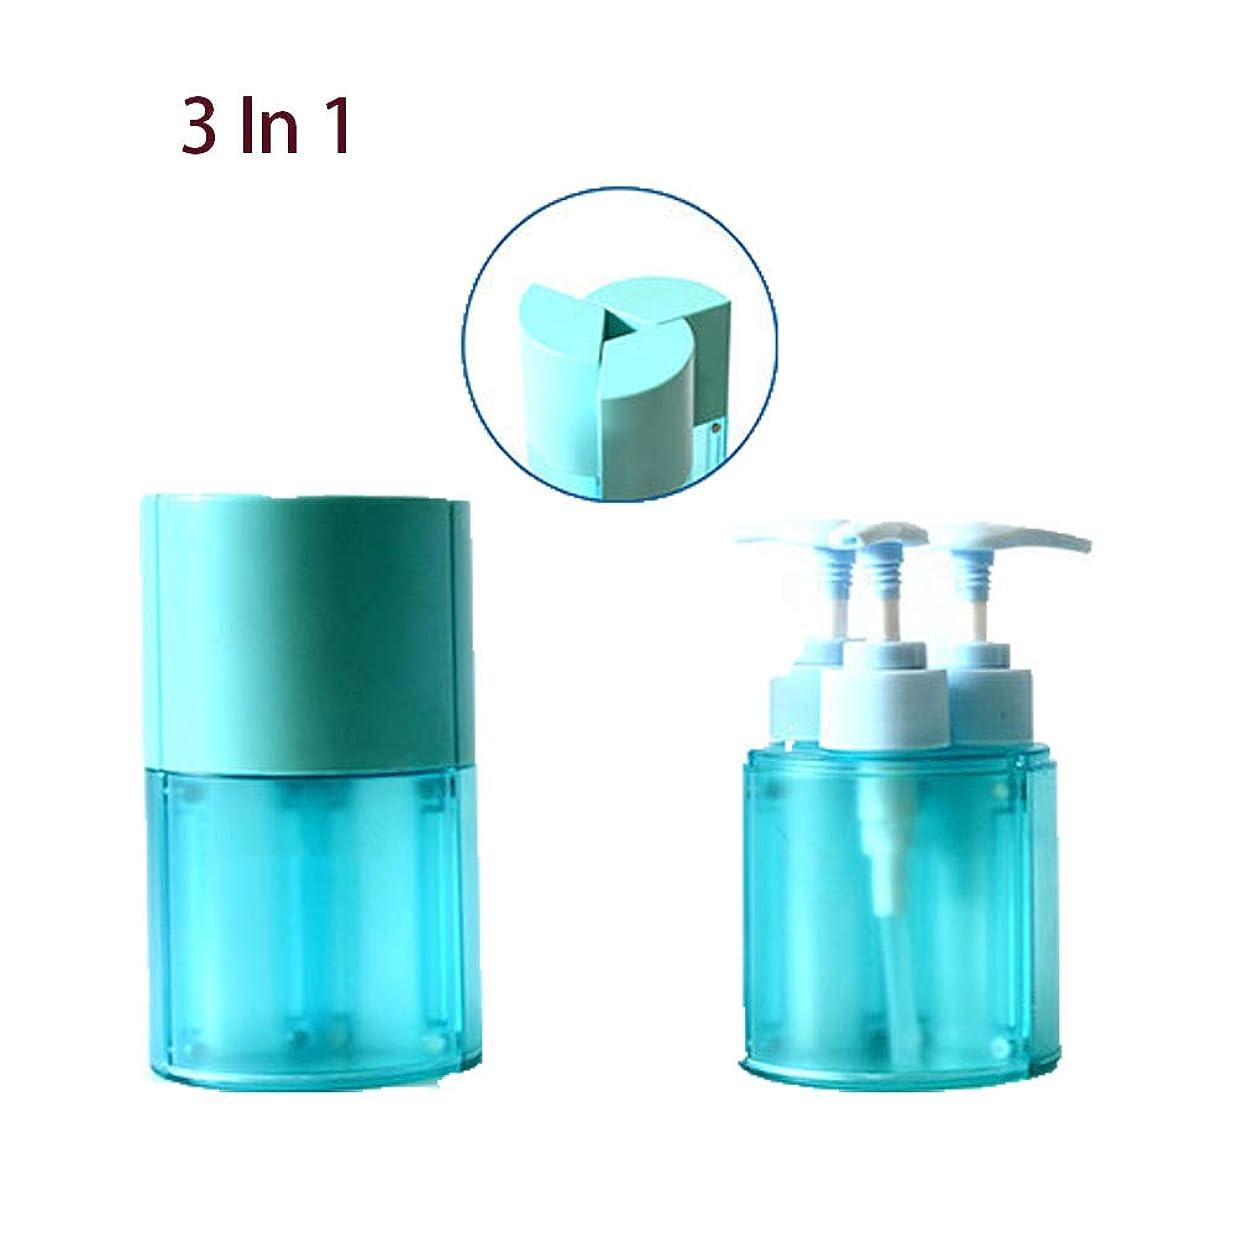 エッセンス幹カスタム磁気3イン1エマルジョントラベルボトル、ポータブルプレス漏れ防止洗浄化粧品ボトルコンビネーションパッケージ、グリーン